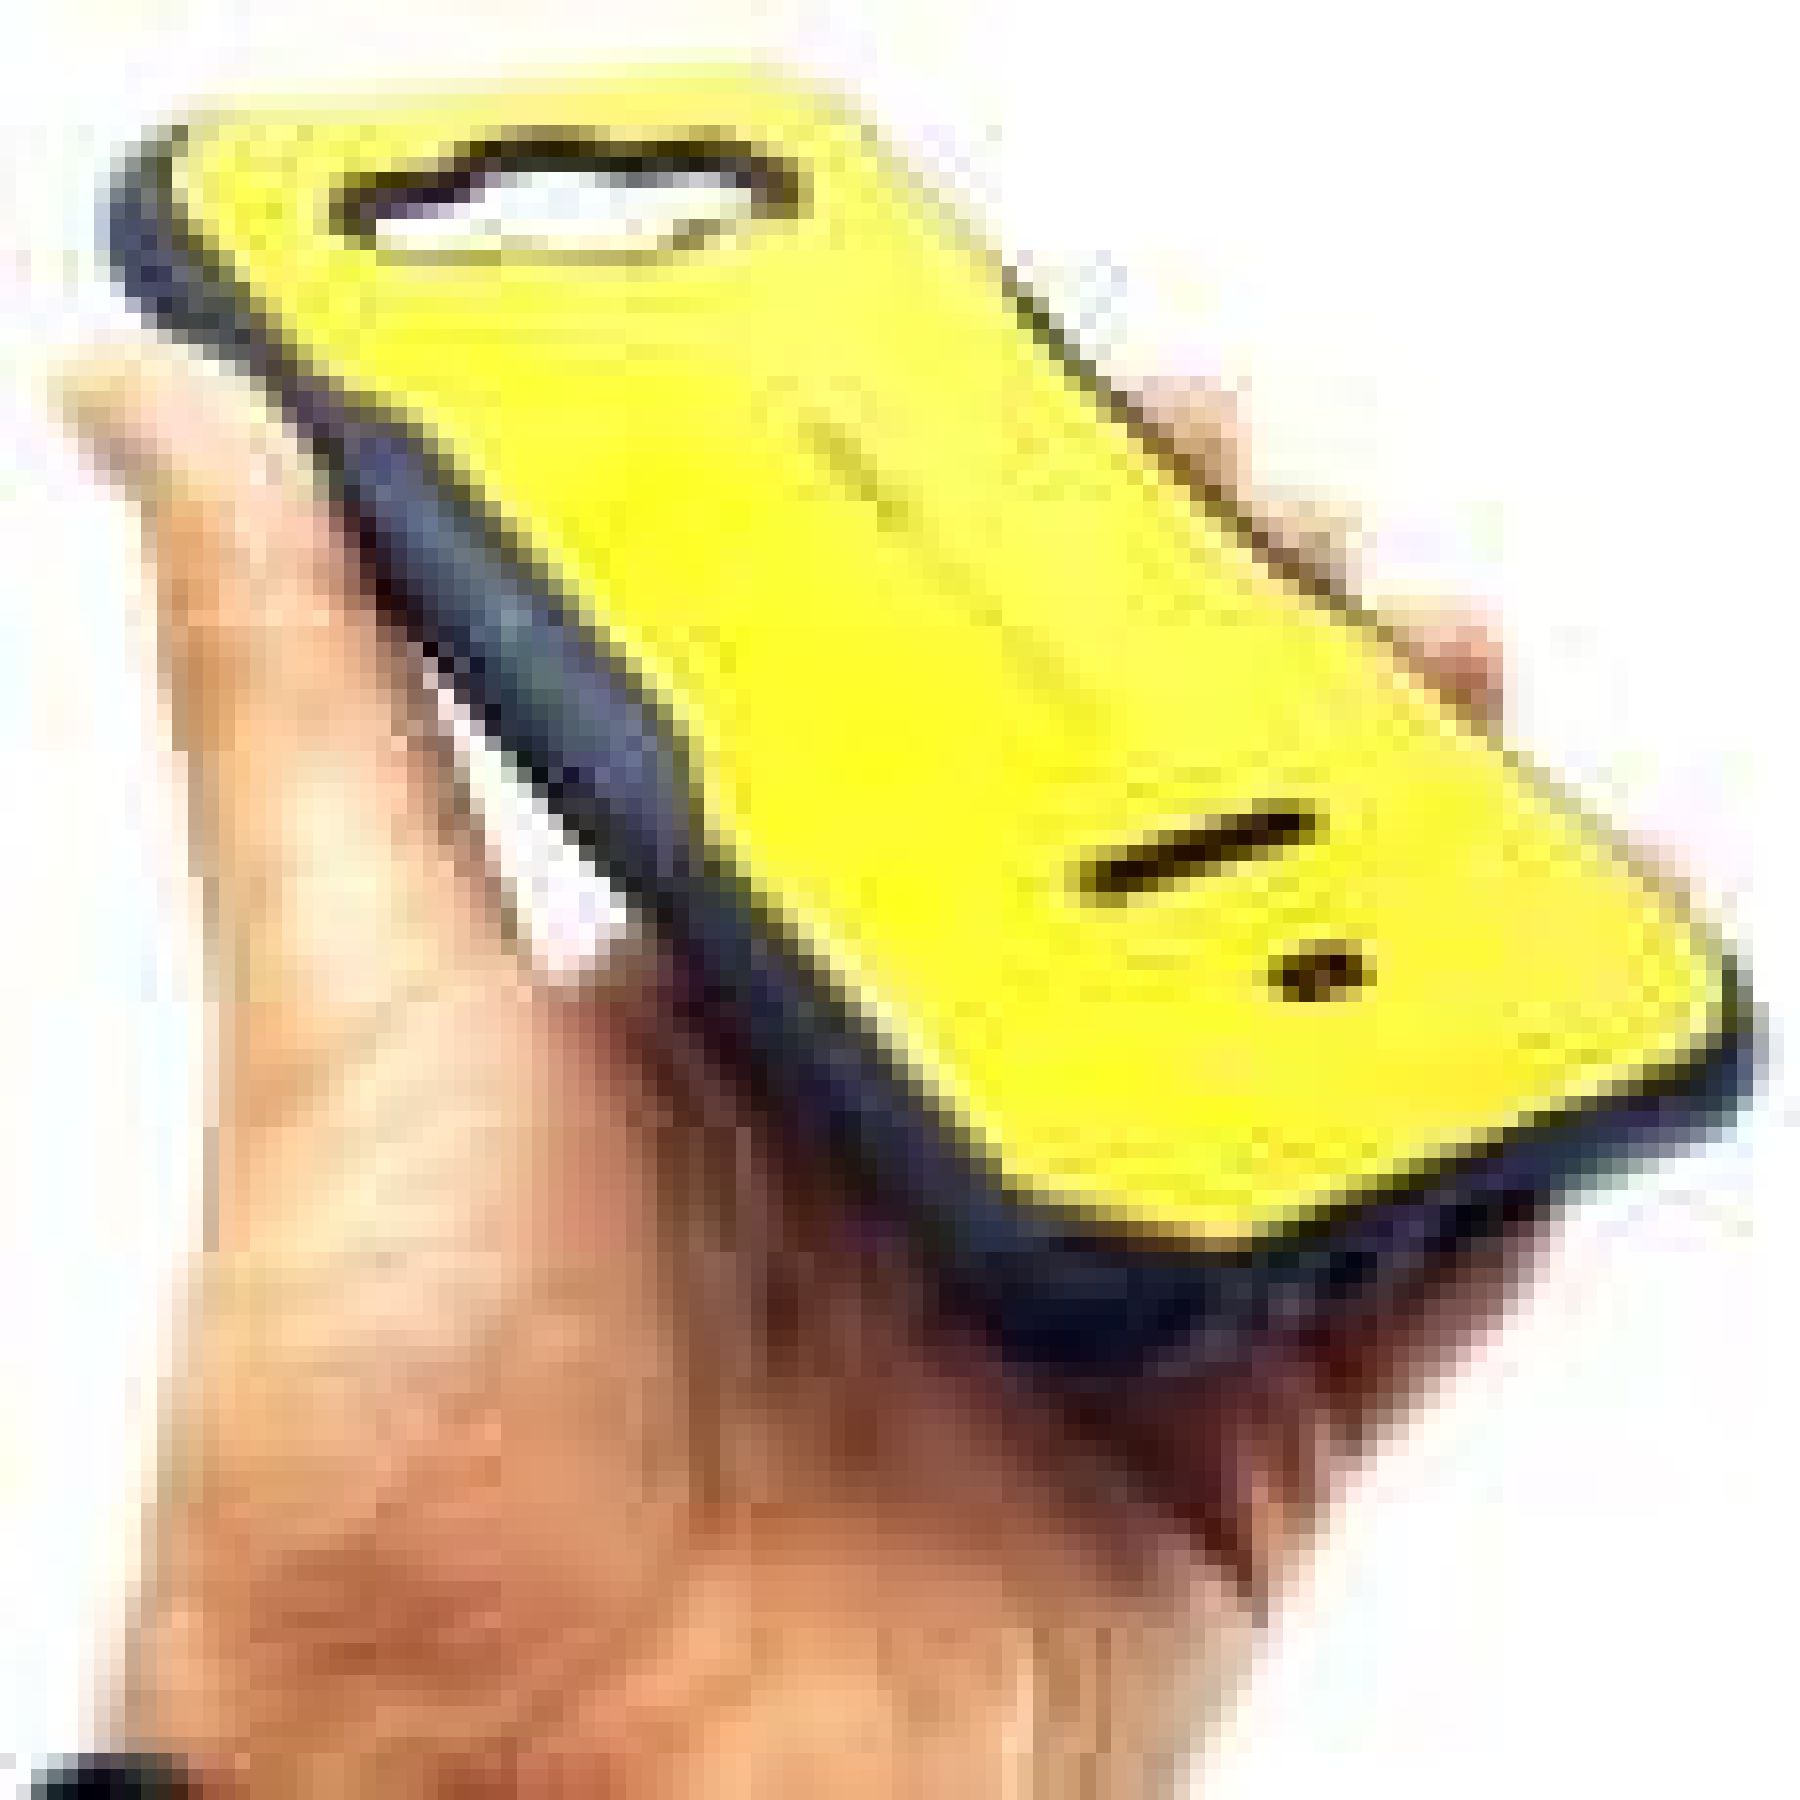 کاور مدل FC24 مناسب برای گوشی موبایل سامسونگ Galaxy E7 2015 / E700 thumb 4